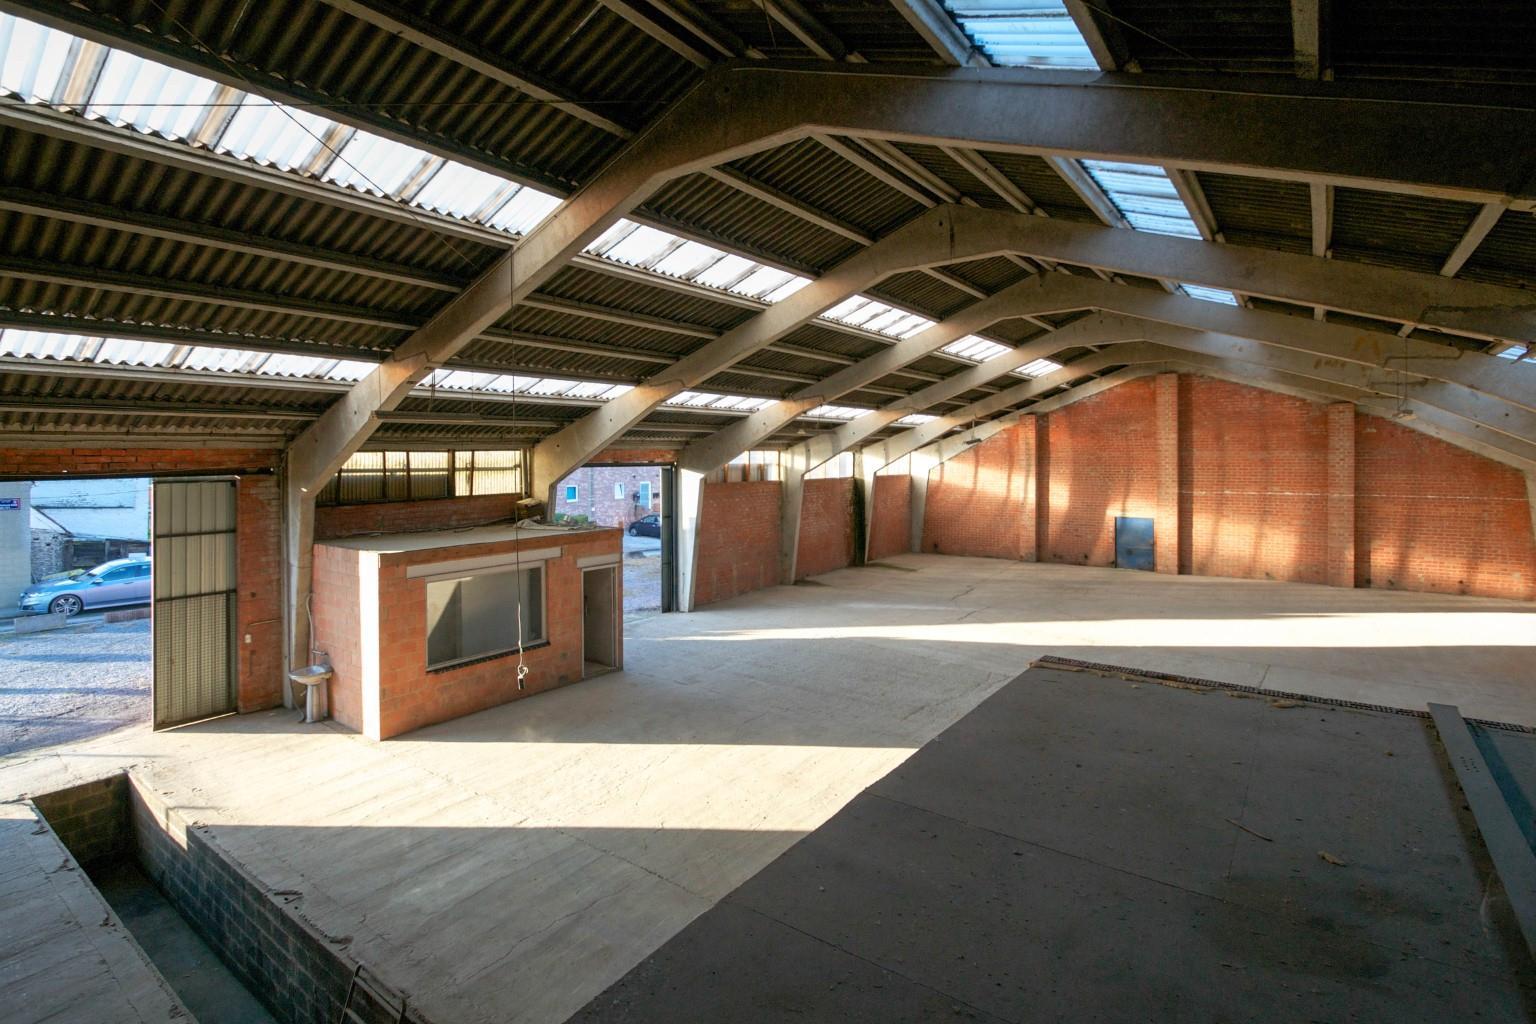 Entrepôt - Saint-Vaast - #2020478-1